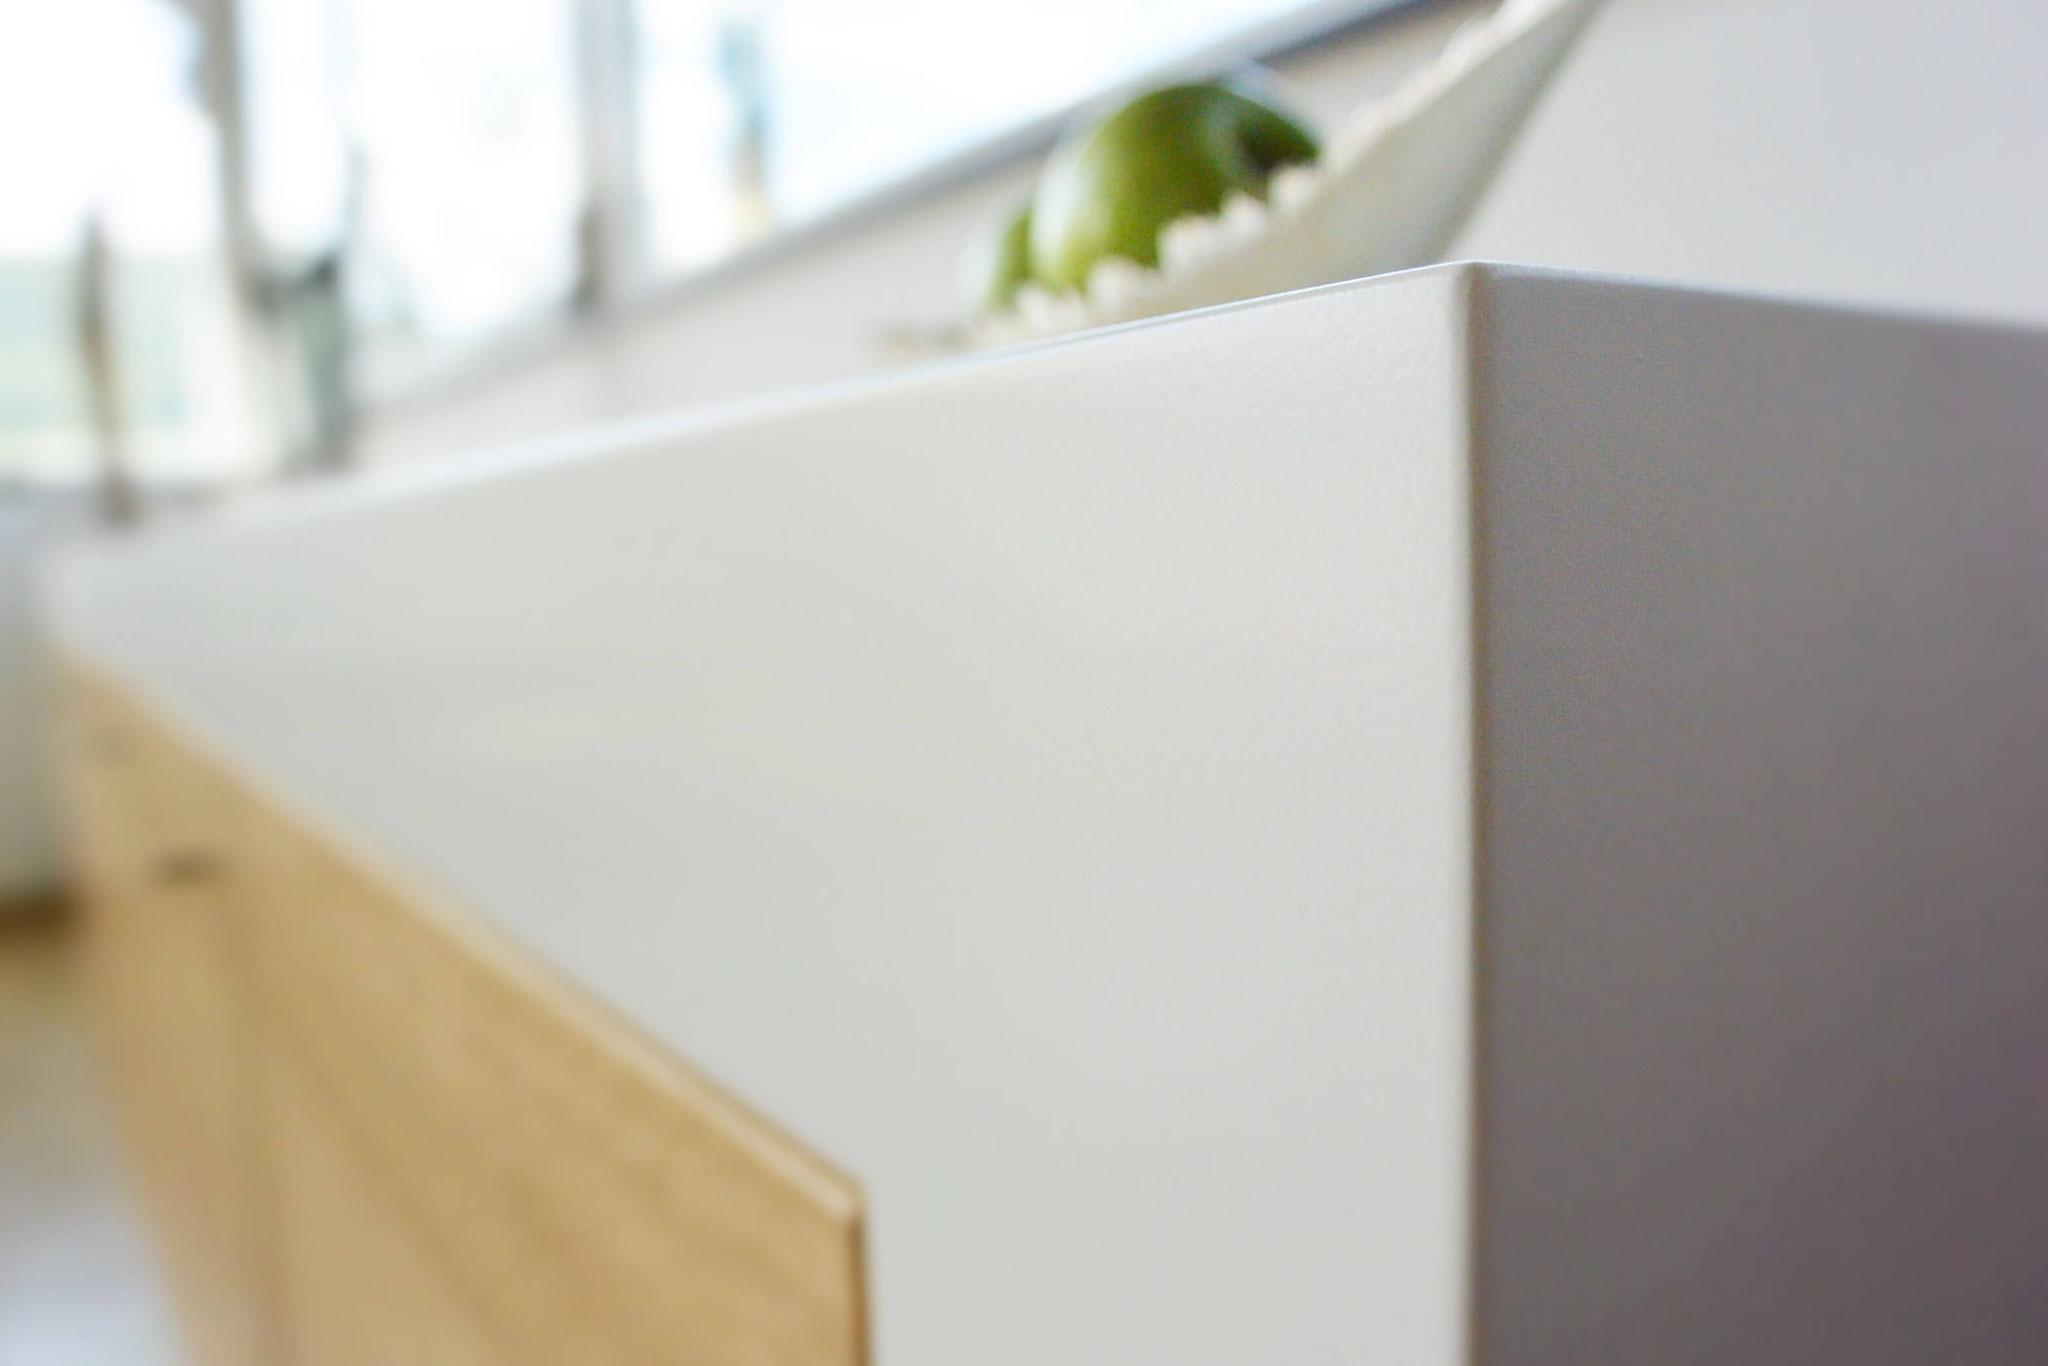 Auf Gehrung gefertigtes Sideboard, Sideboard wandhängend, Sideboard weiß lackiert mit Eiche furnierten Fronten